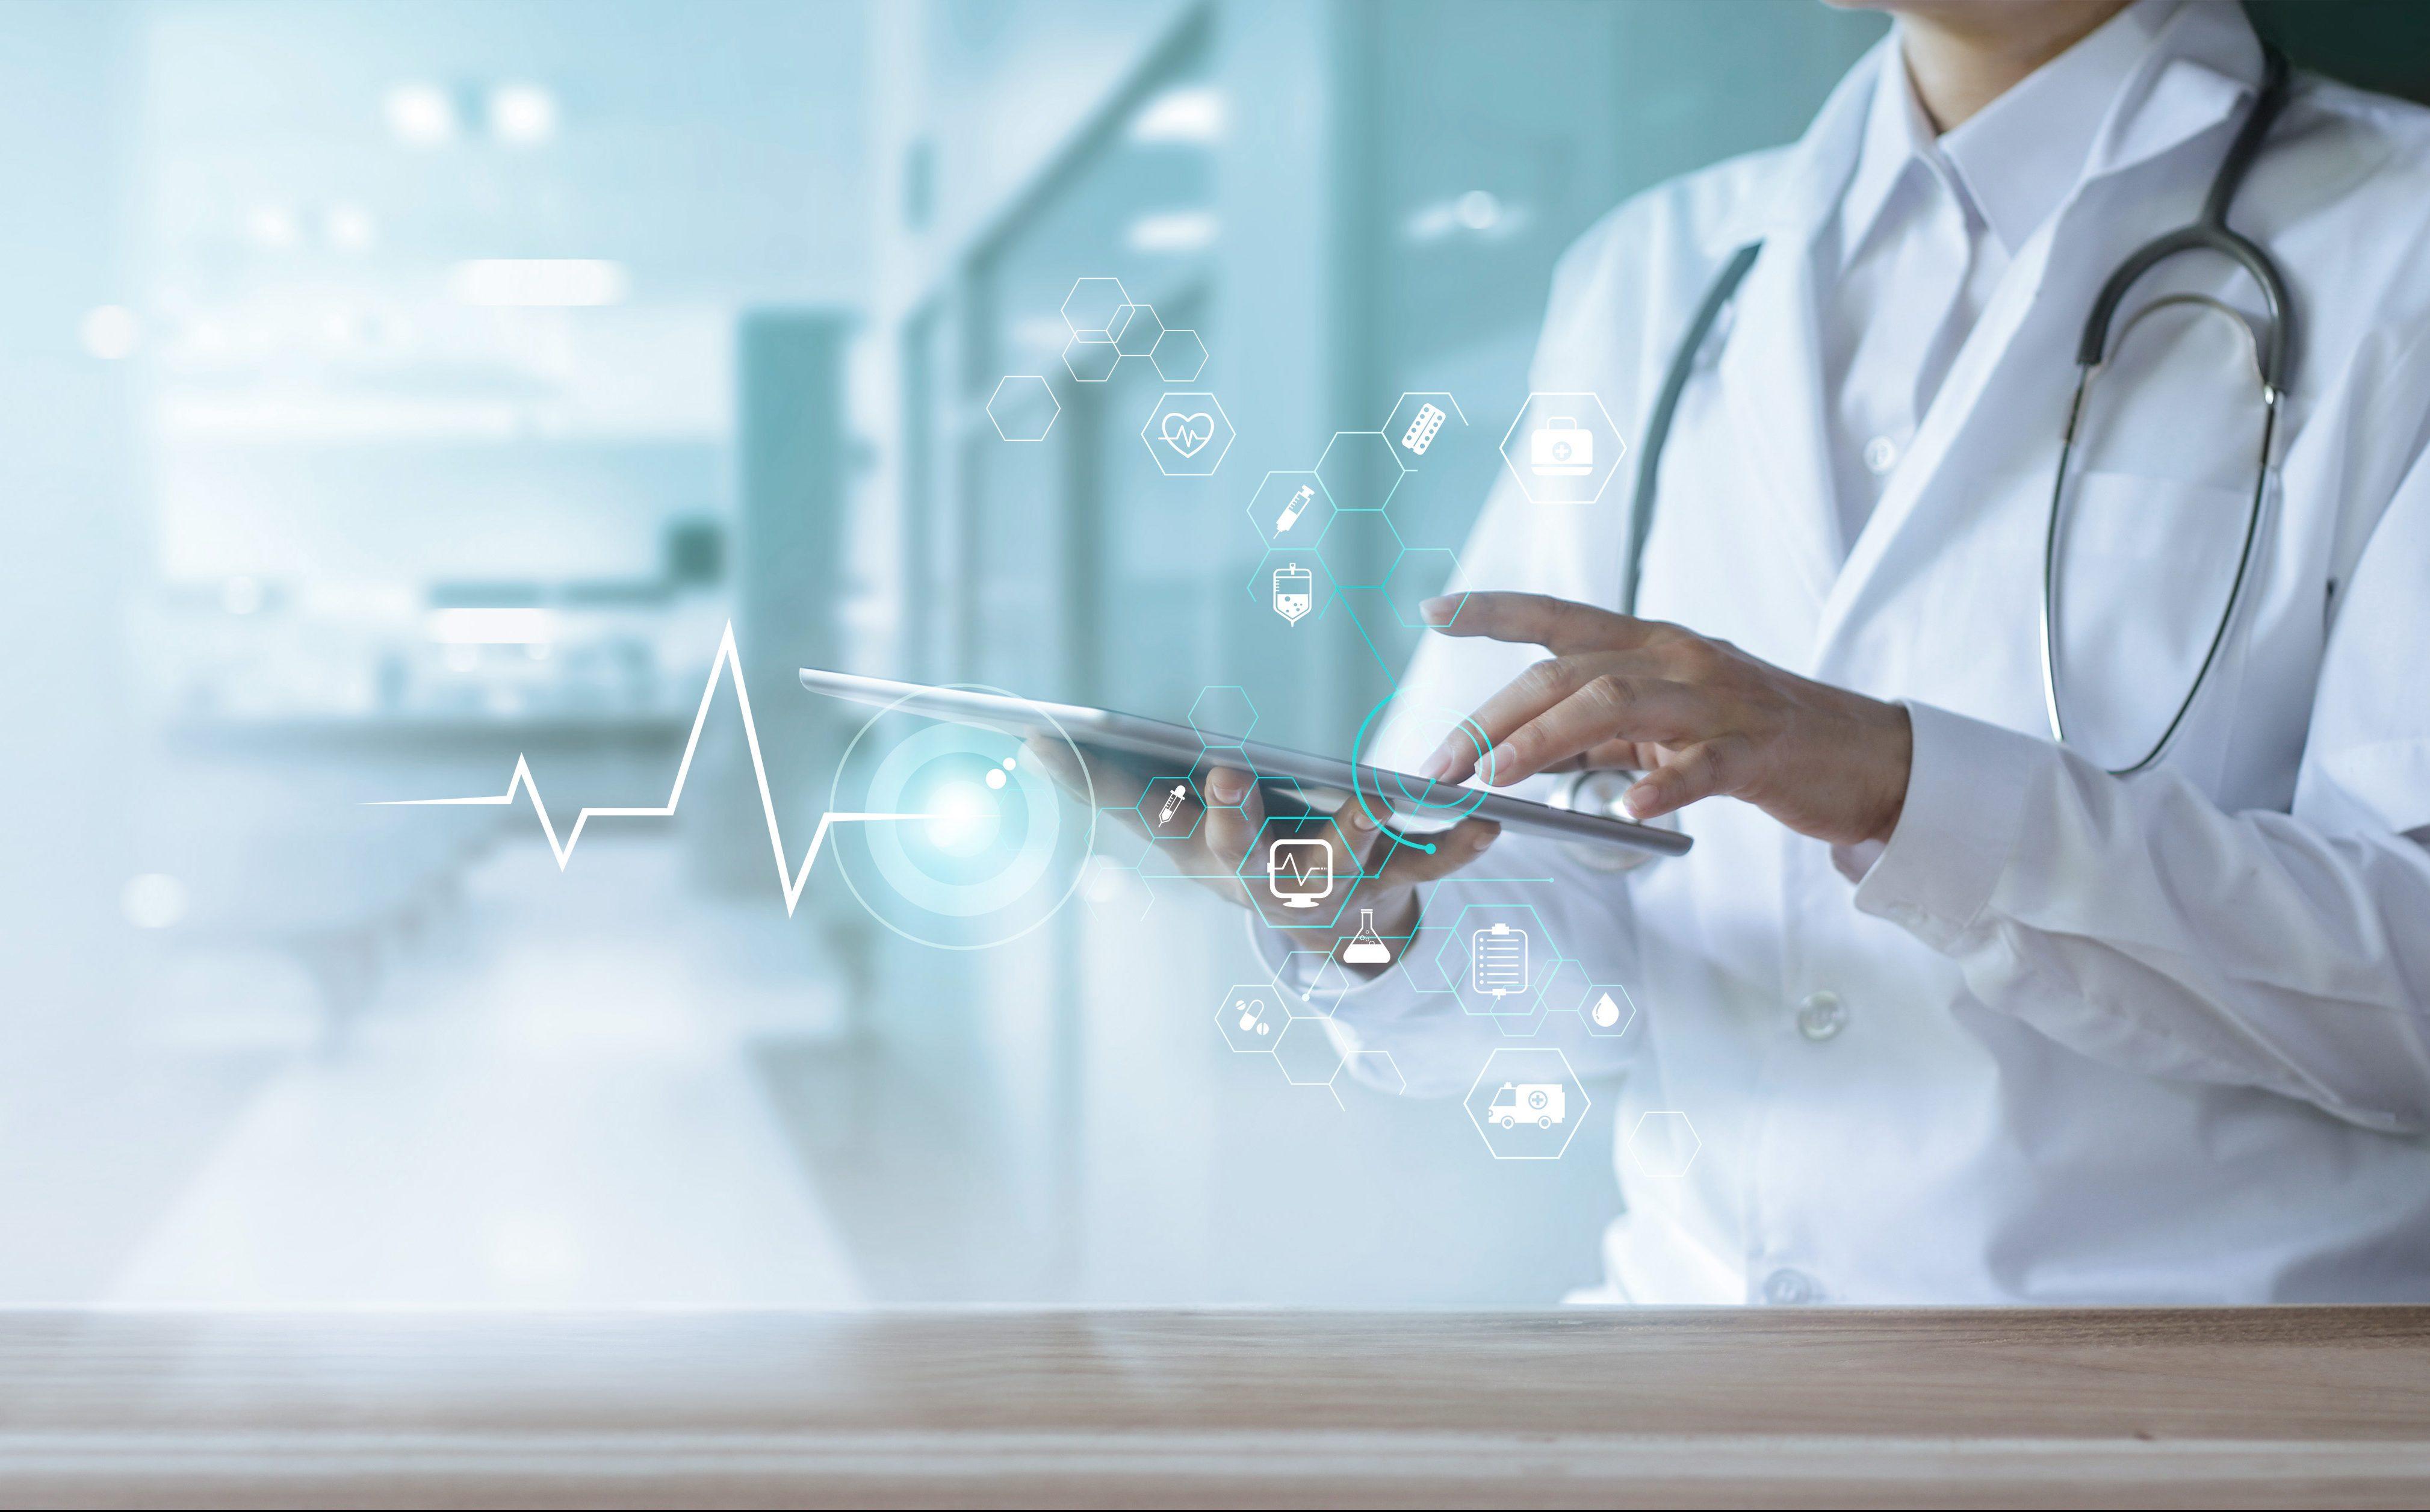 Telessaúde: Qual sua importância para a medicina atual?